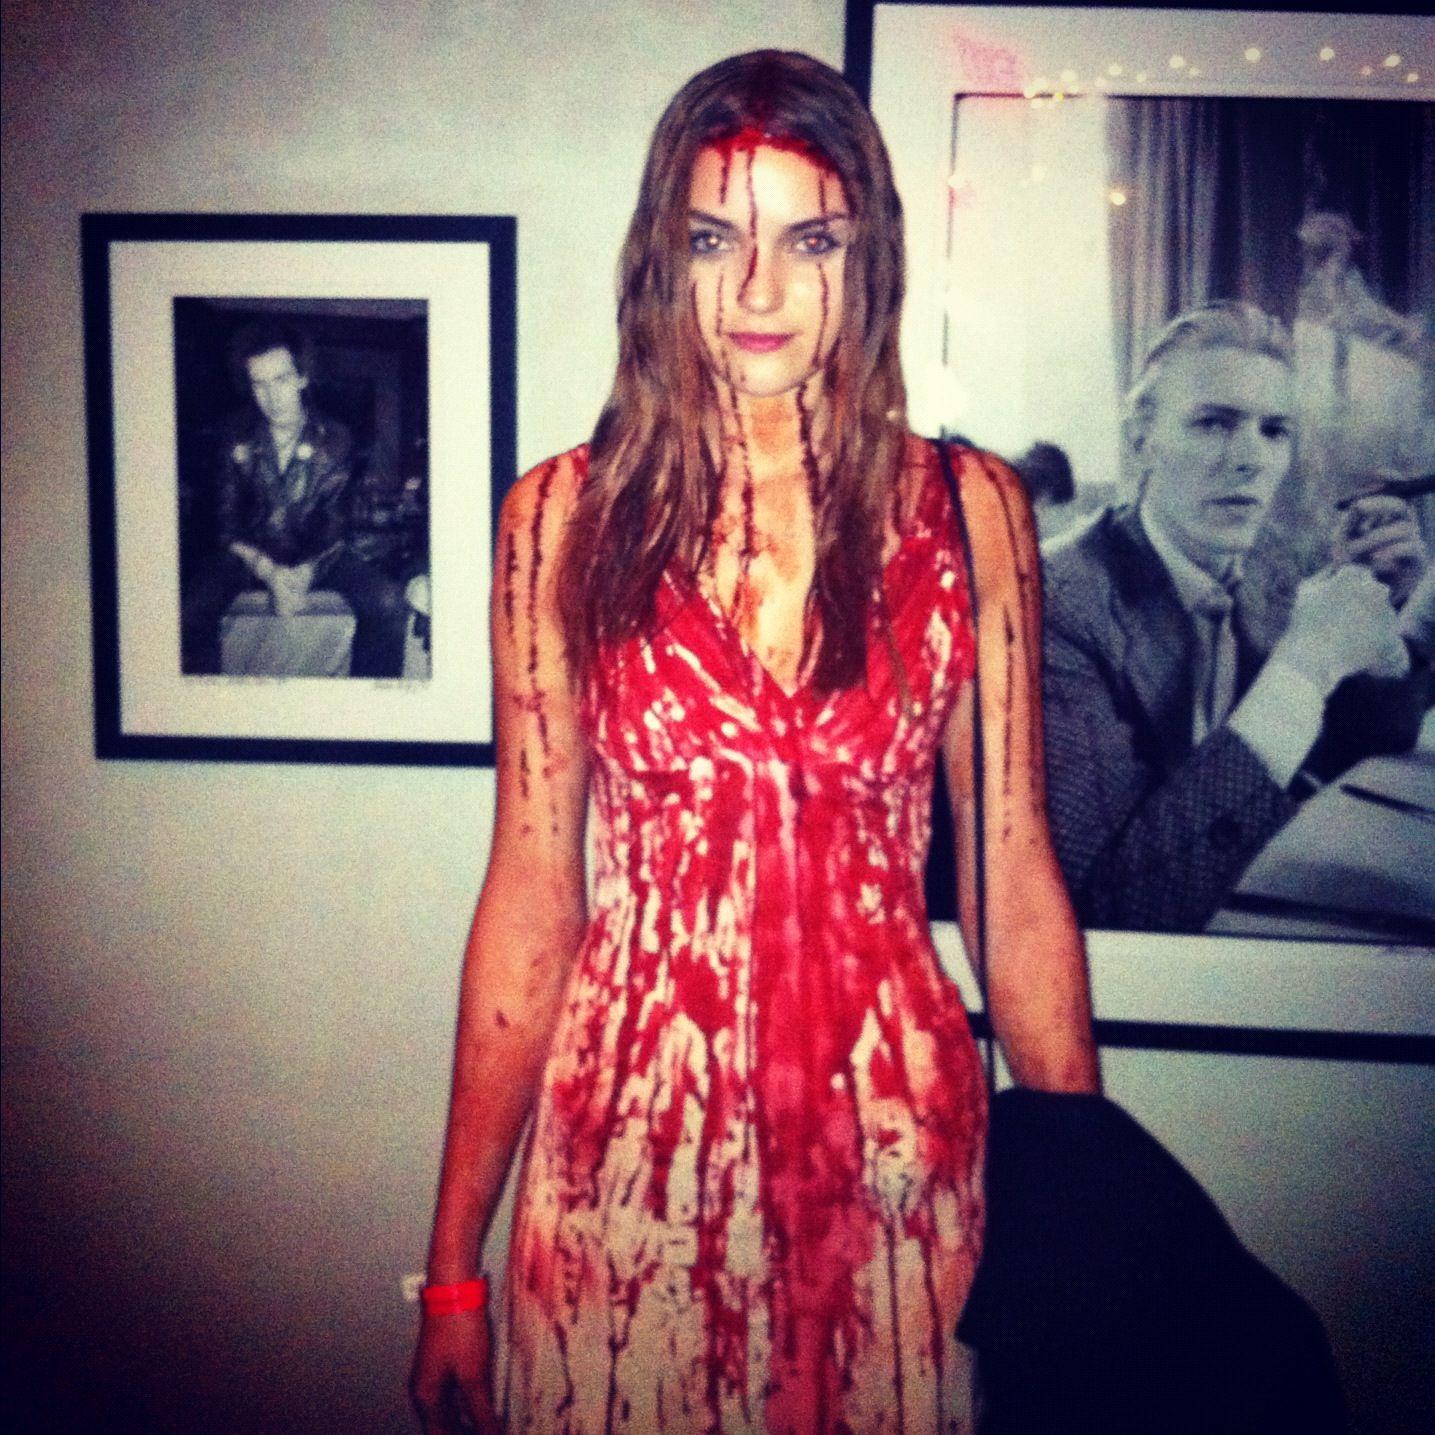 Carrie Halloween Costume In 2019 Carrie Halloween